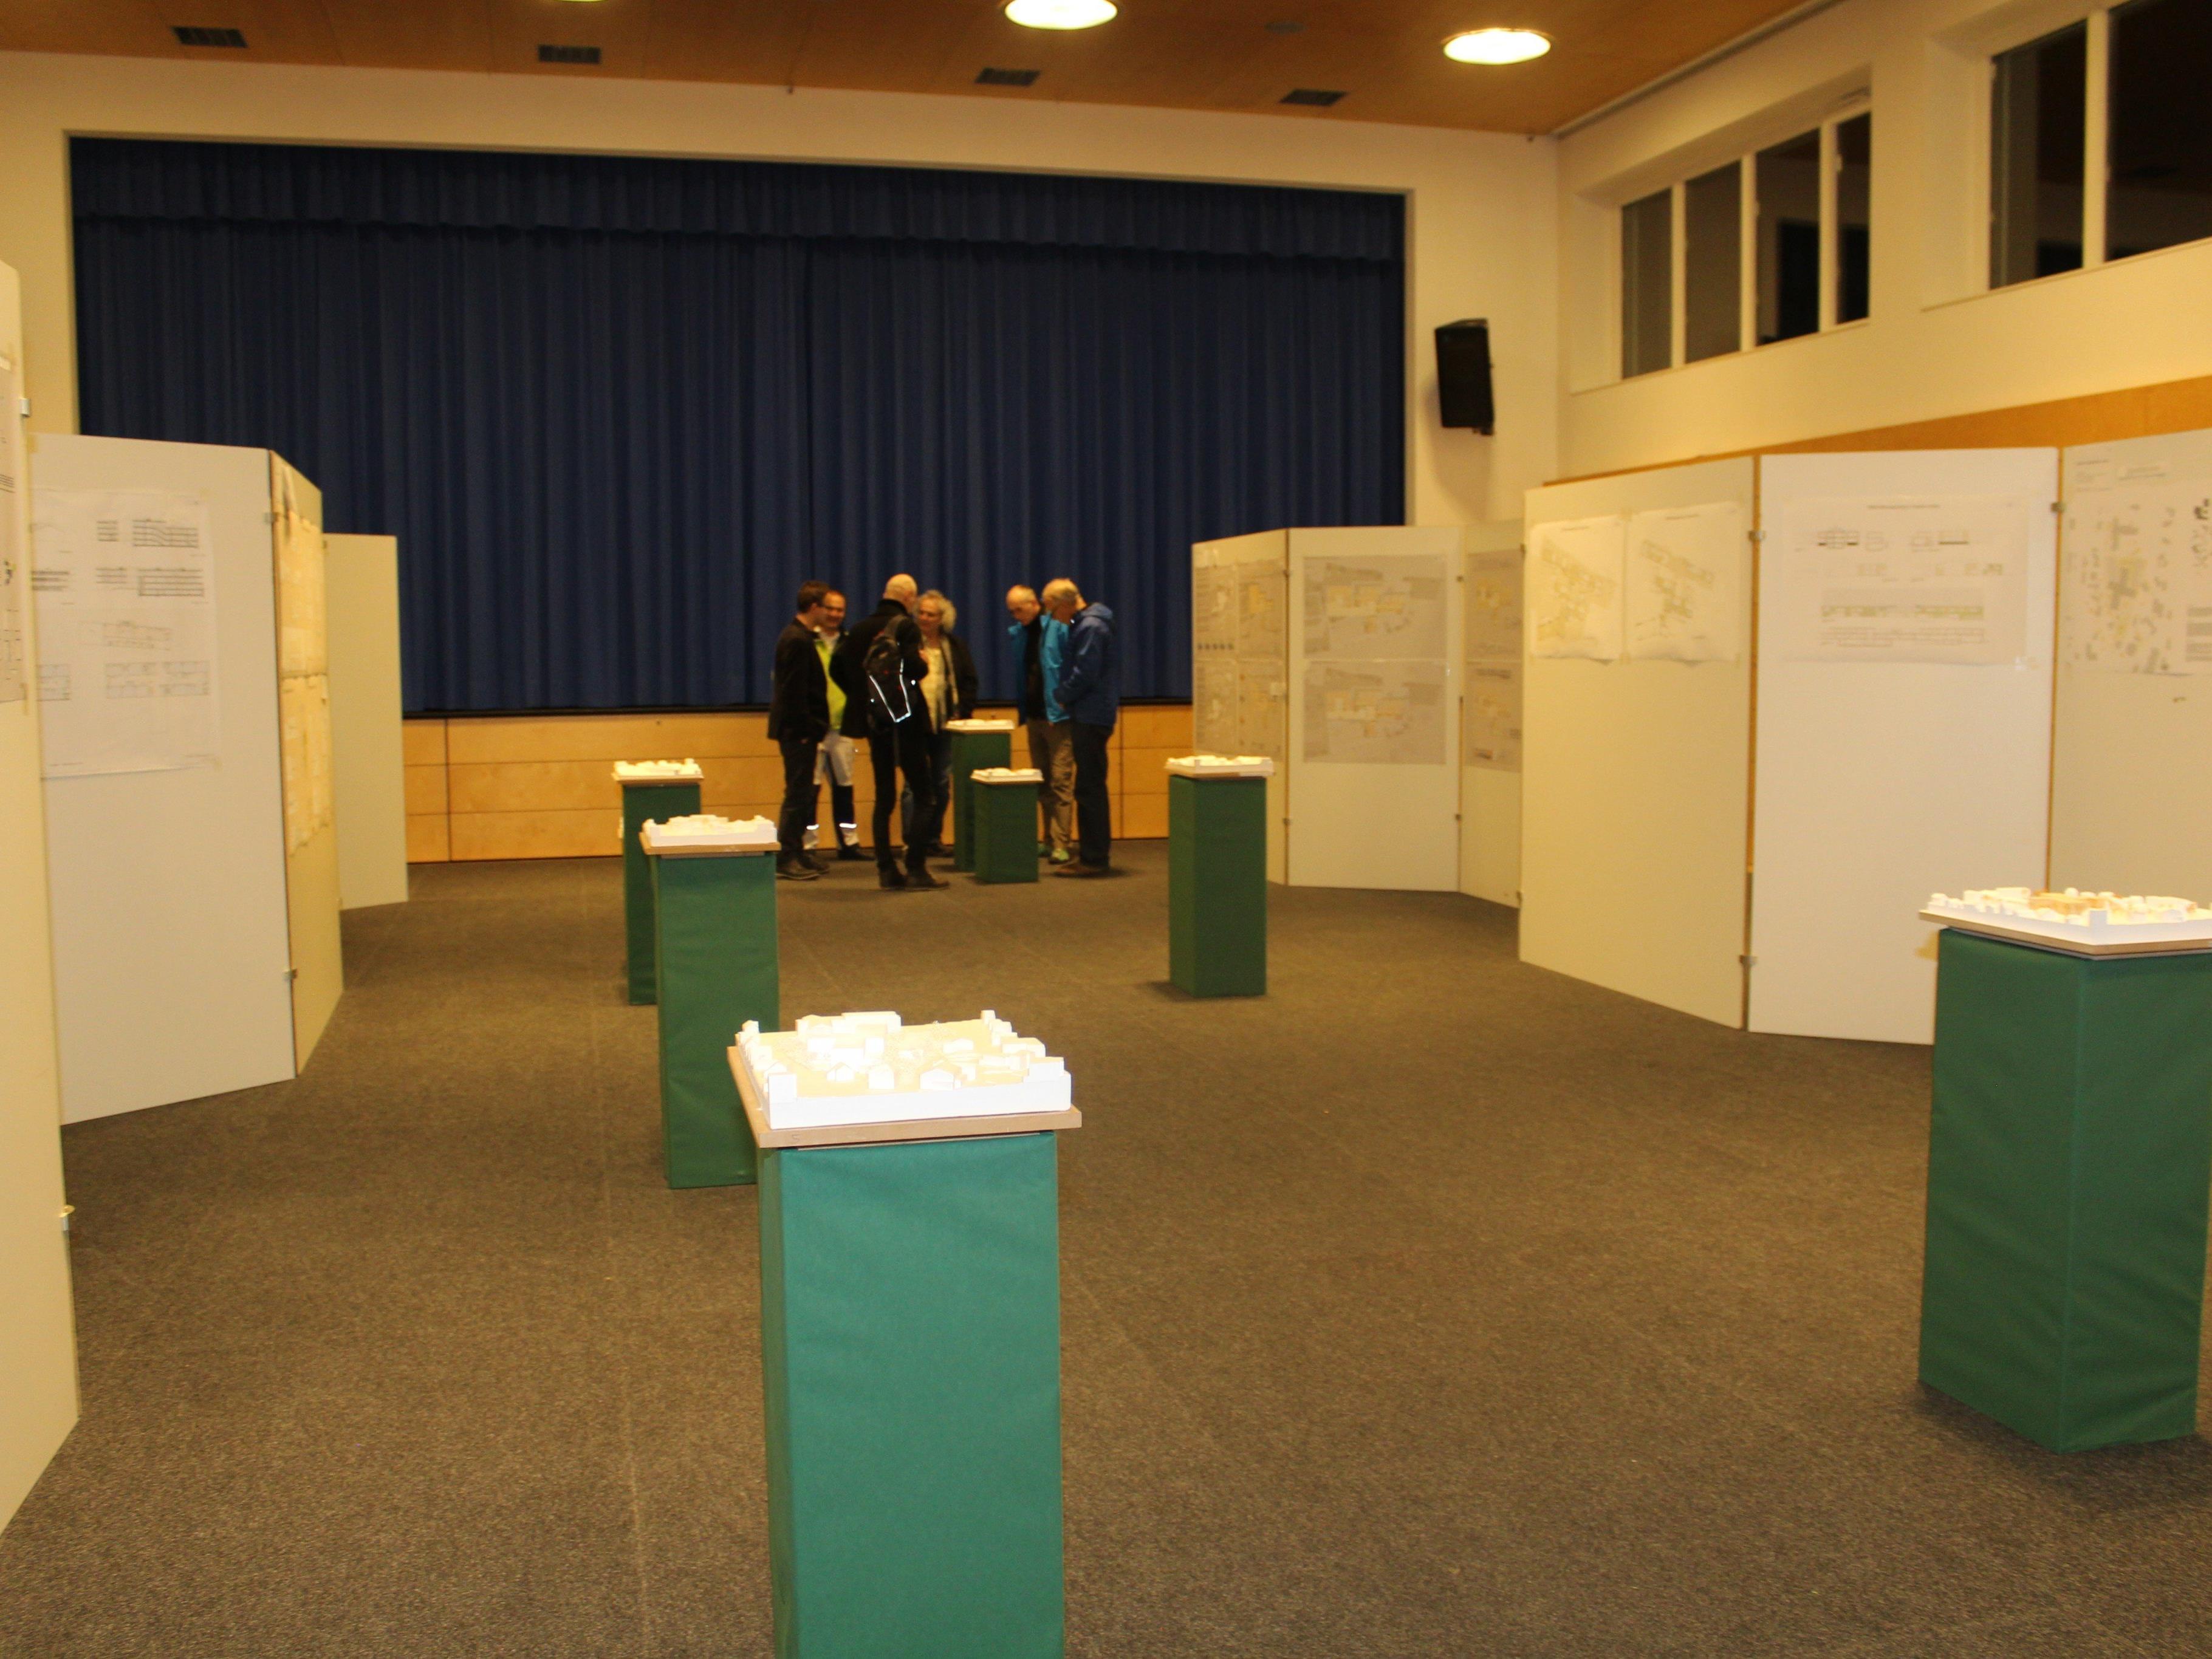 Die besten Entwürfe für das neue Bildungszentrum wurden präsentiert.